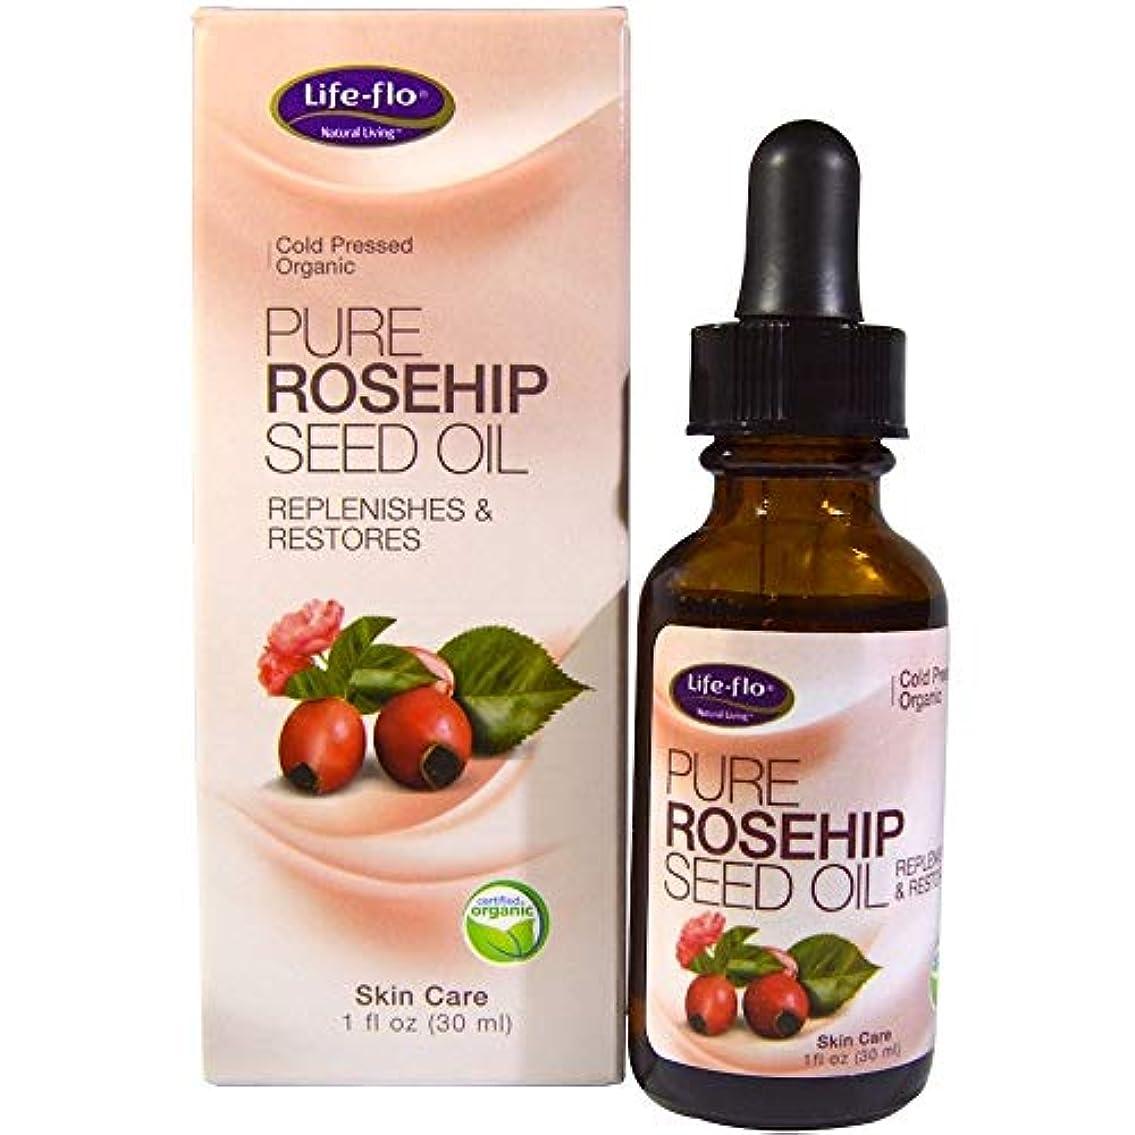 哲学的本効果的に[並行輸入品] Life-Flo Pure Rosehip Seed Oil, 1 oz x 2パック